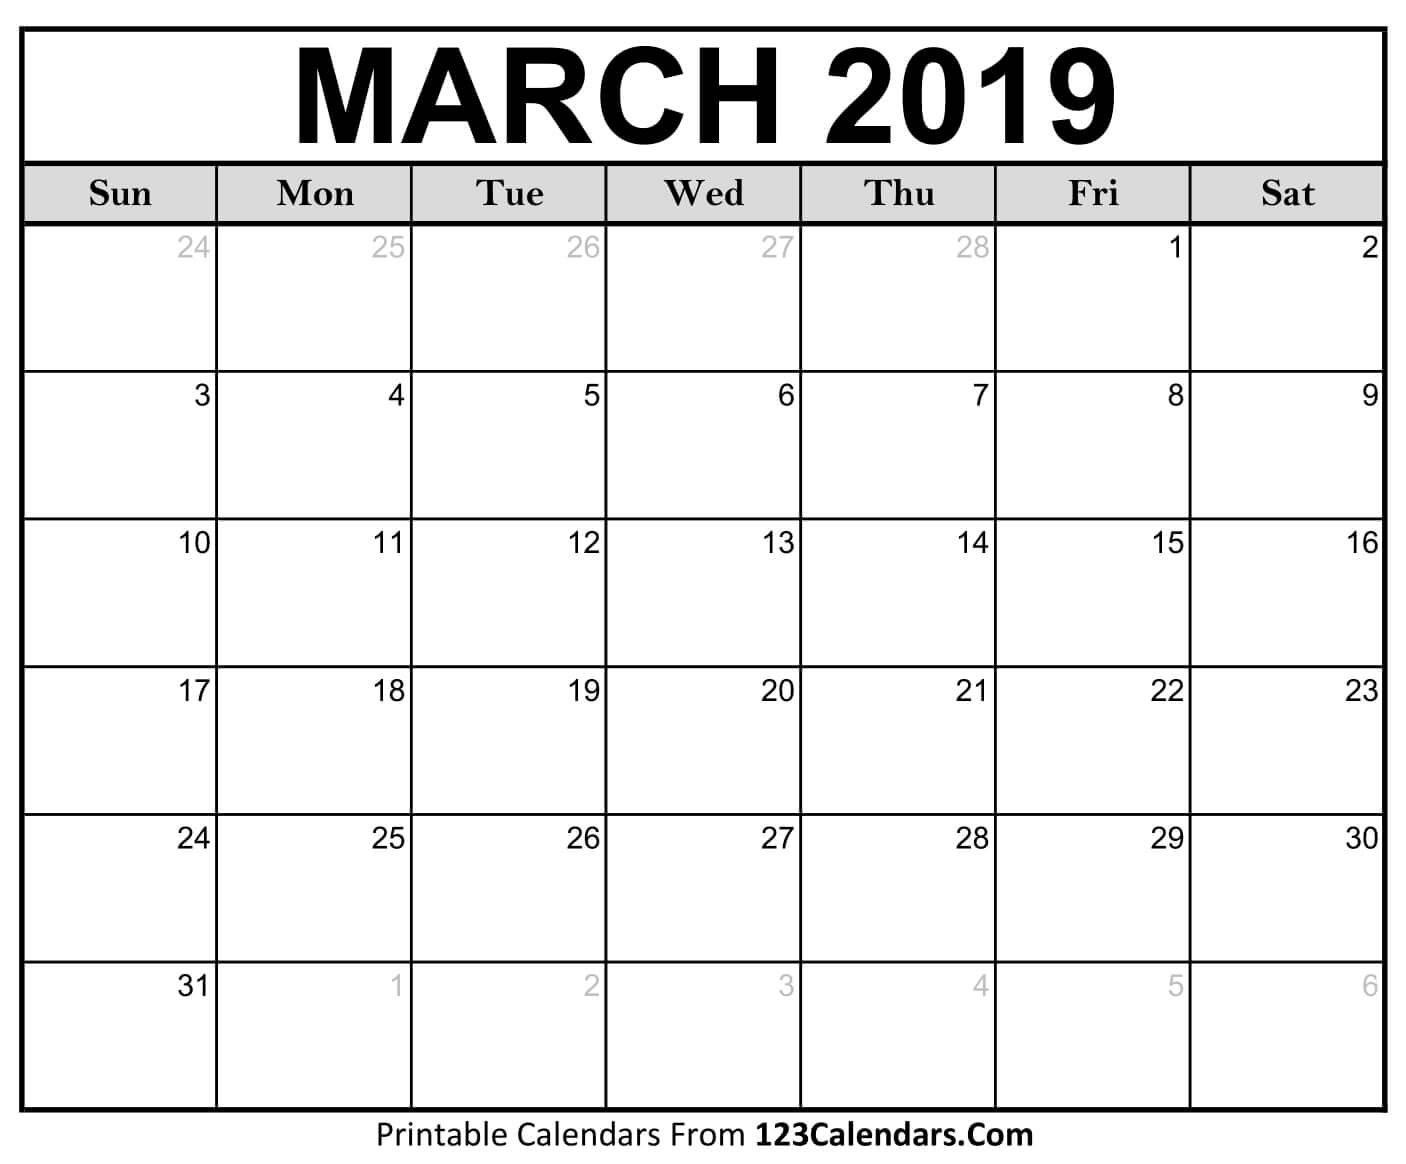 Printable March 2019 Calendar Templates - 123Calendars Calendar 2019 March